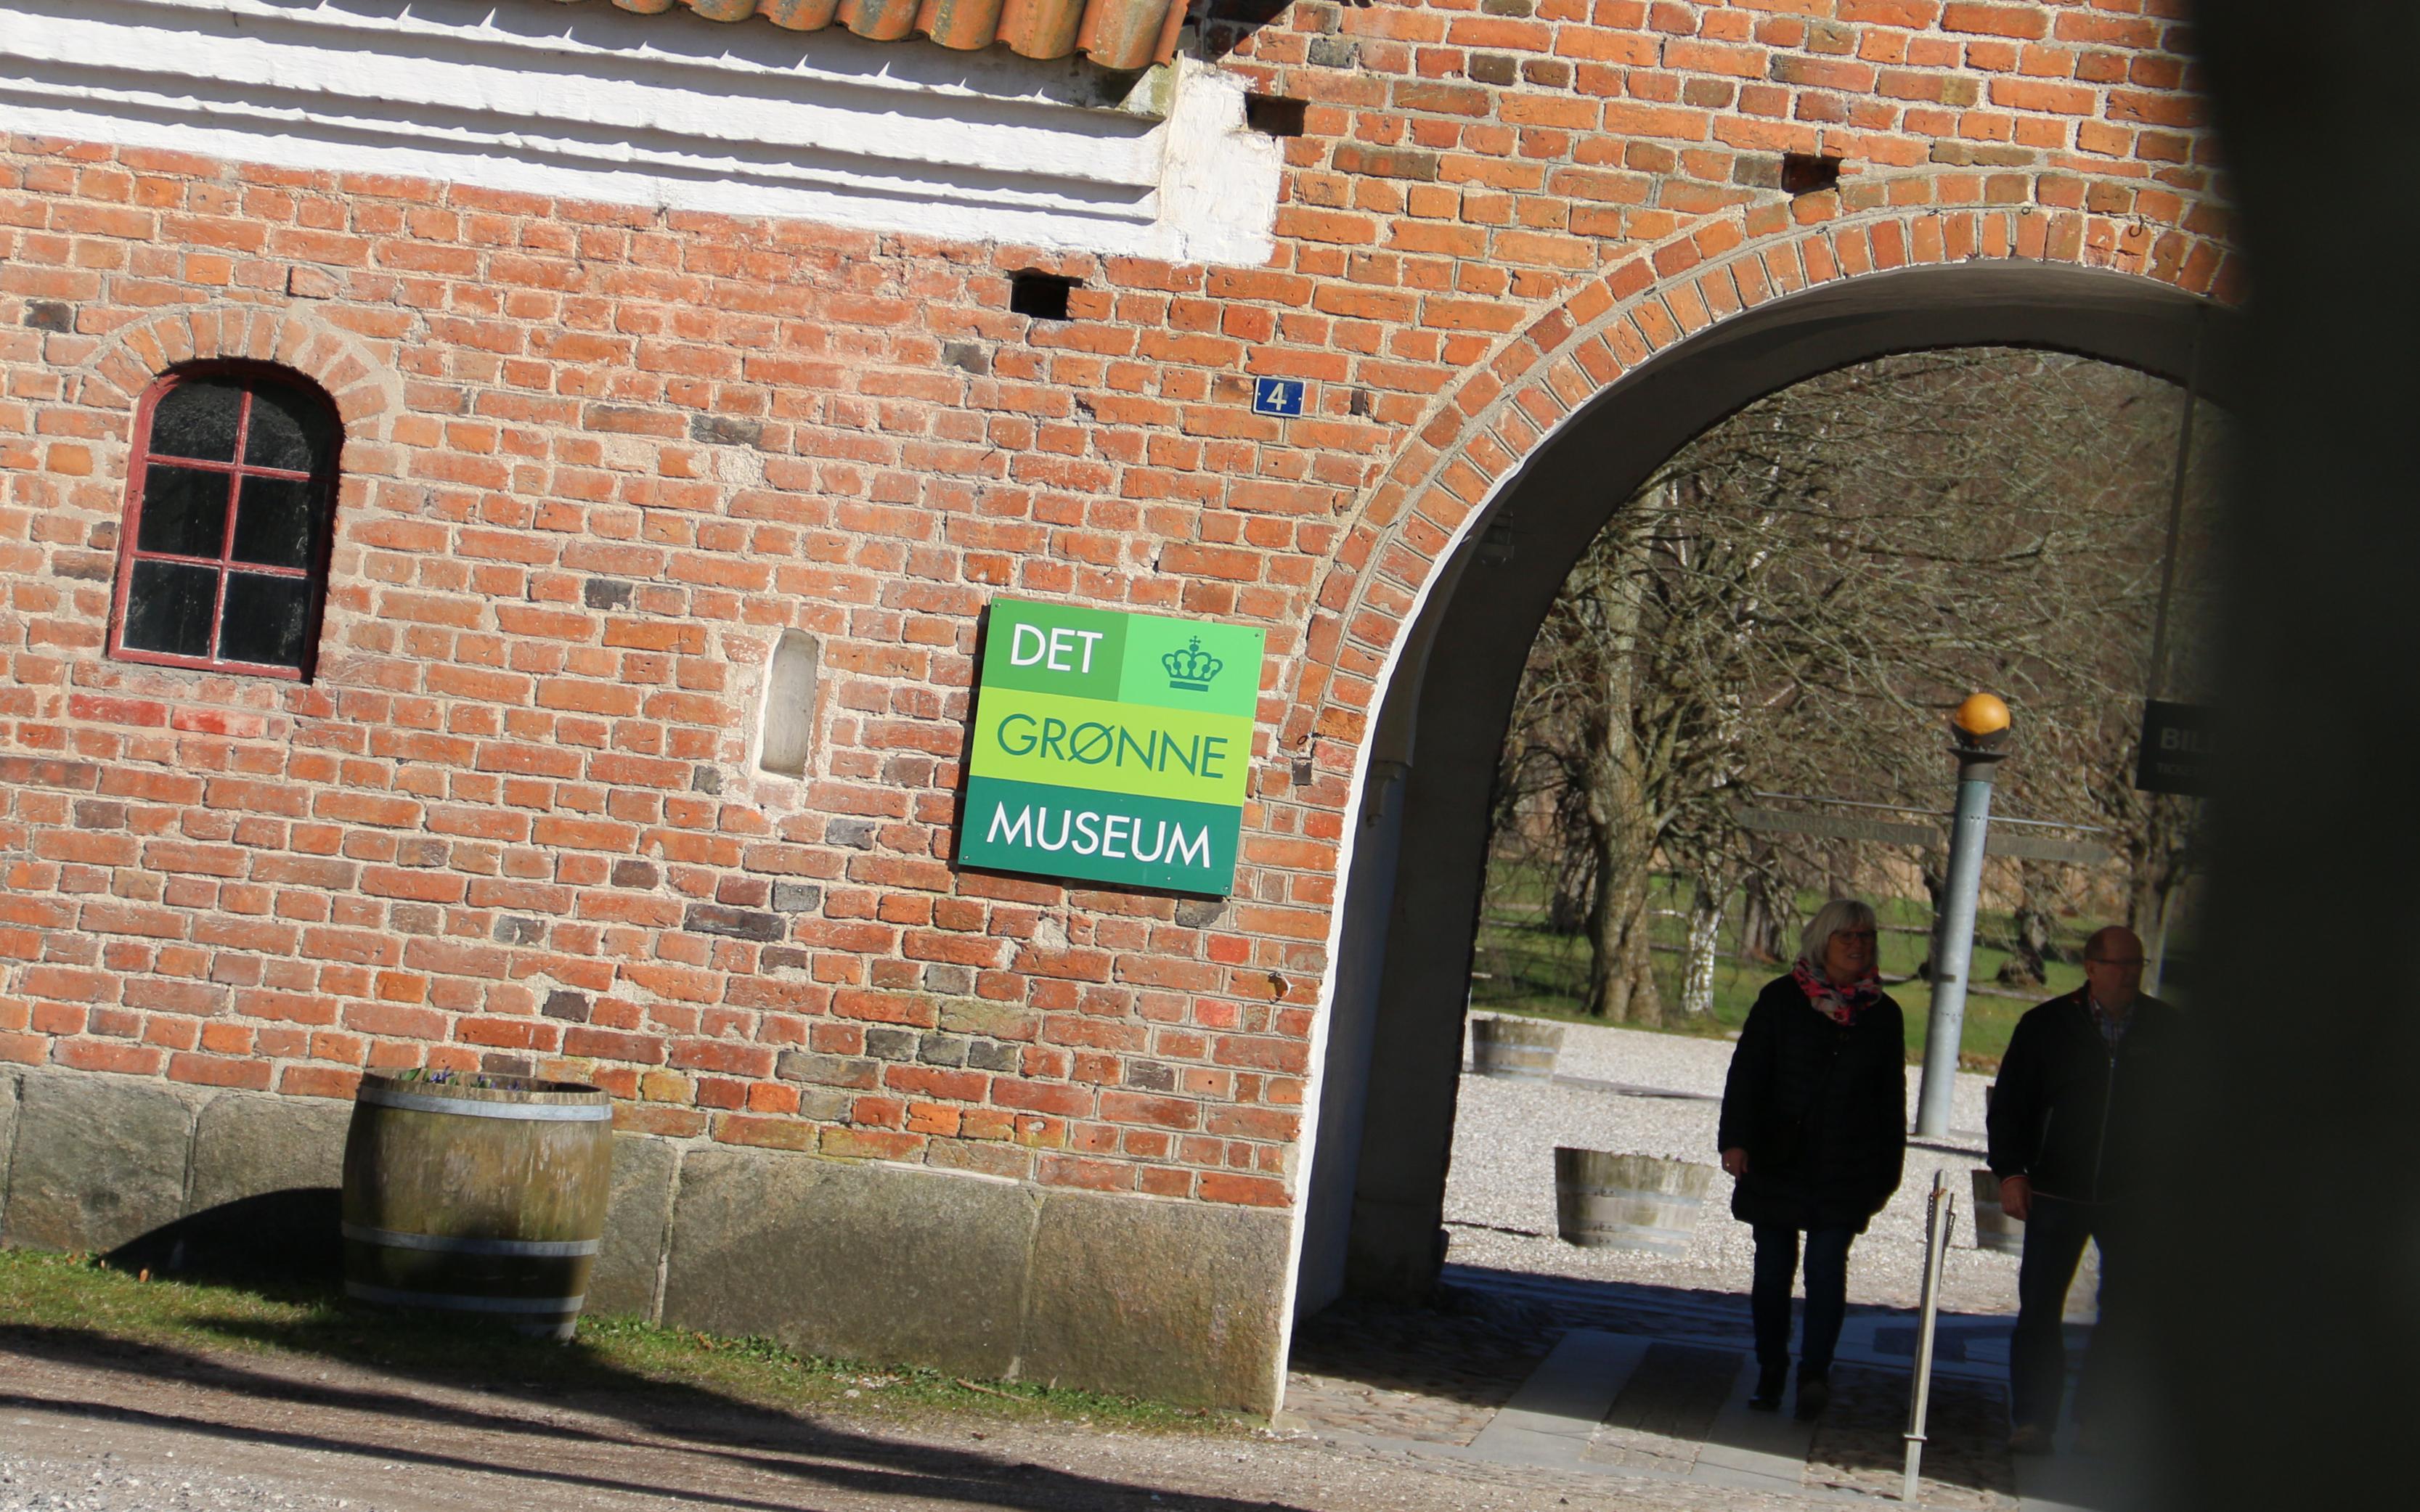 Det Grønne Museum